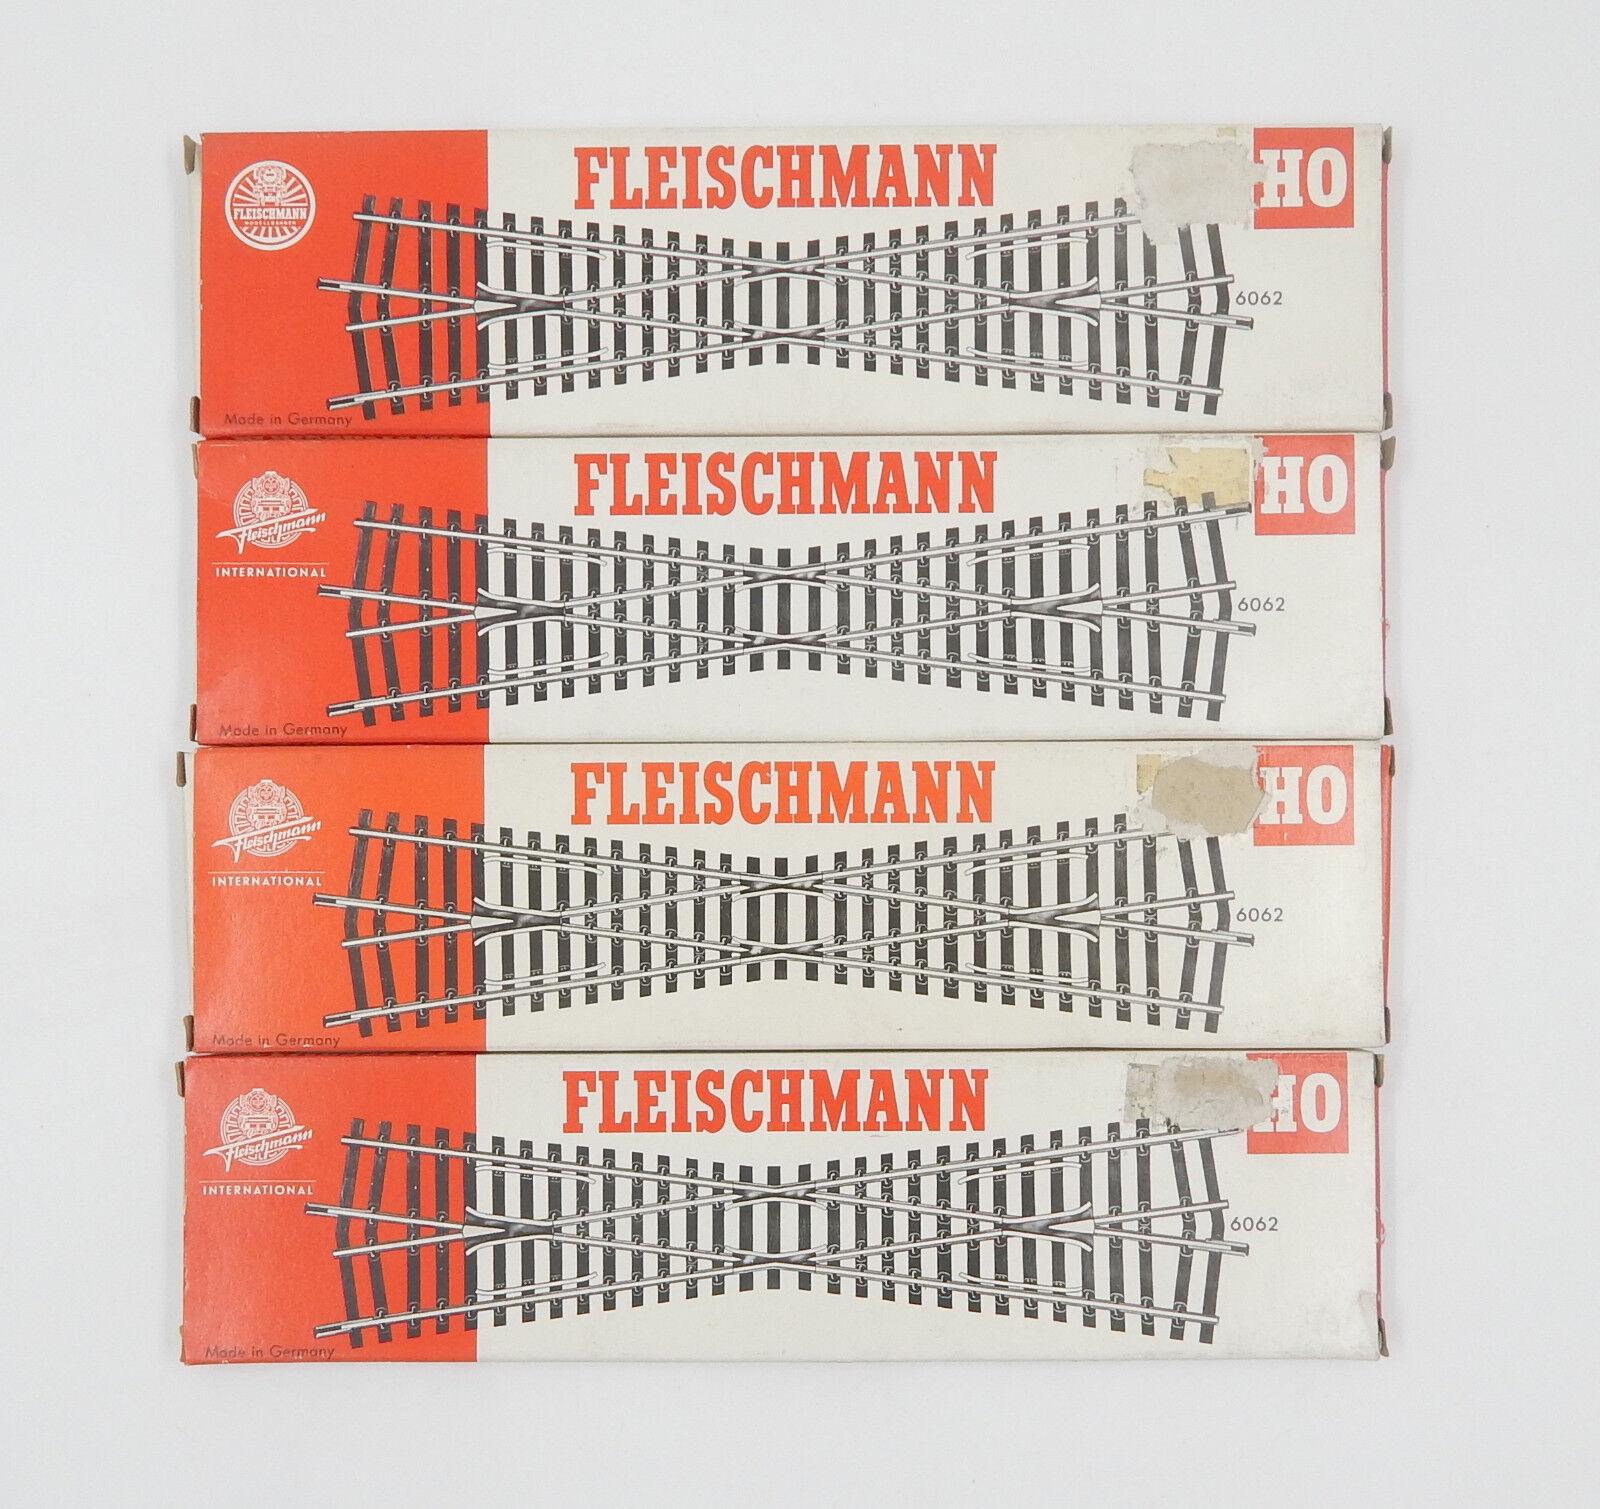 hasta un 50% de descuento H0 15 15 15 Fleischmann ° cruce - 6062 nuevo en el embalaje original  excelentes precios